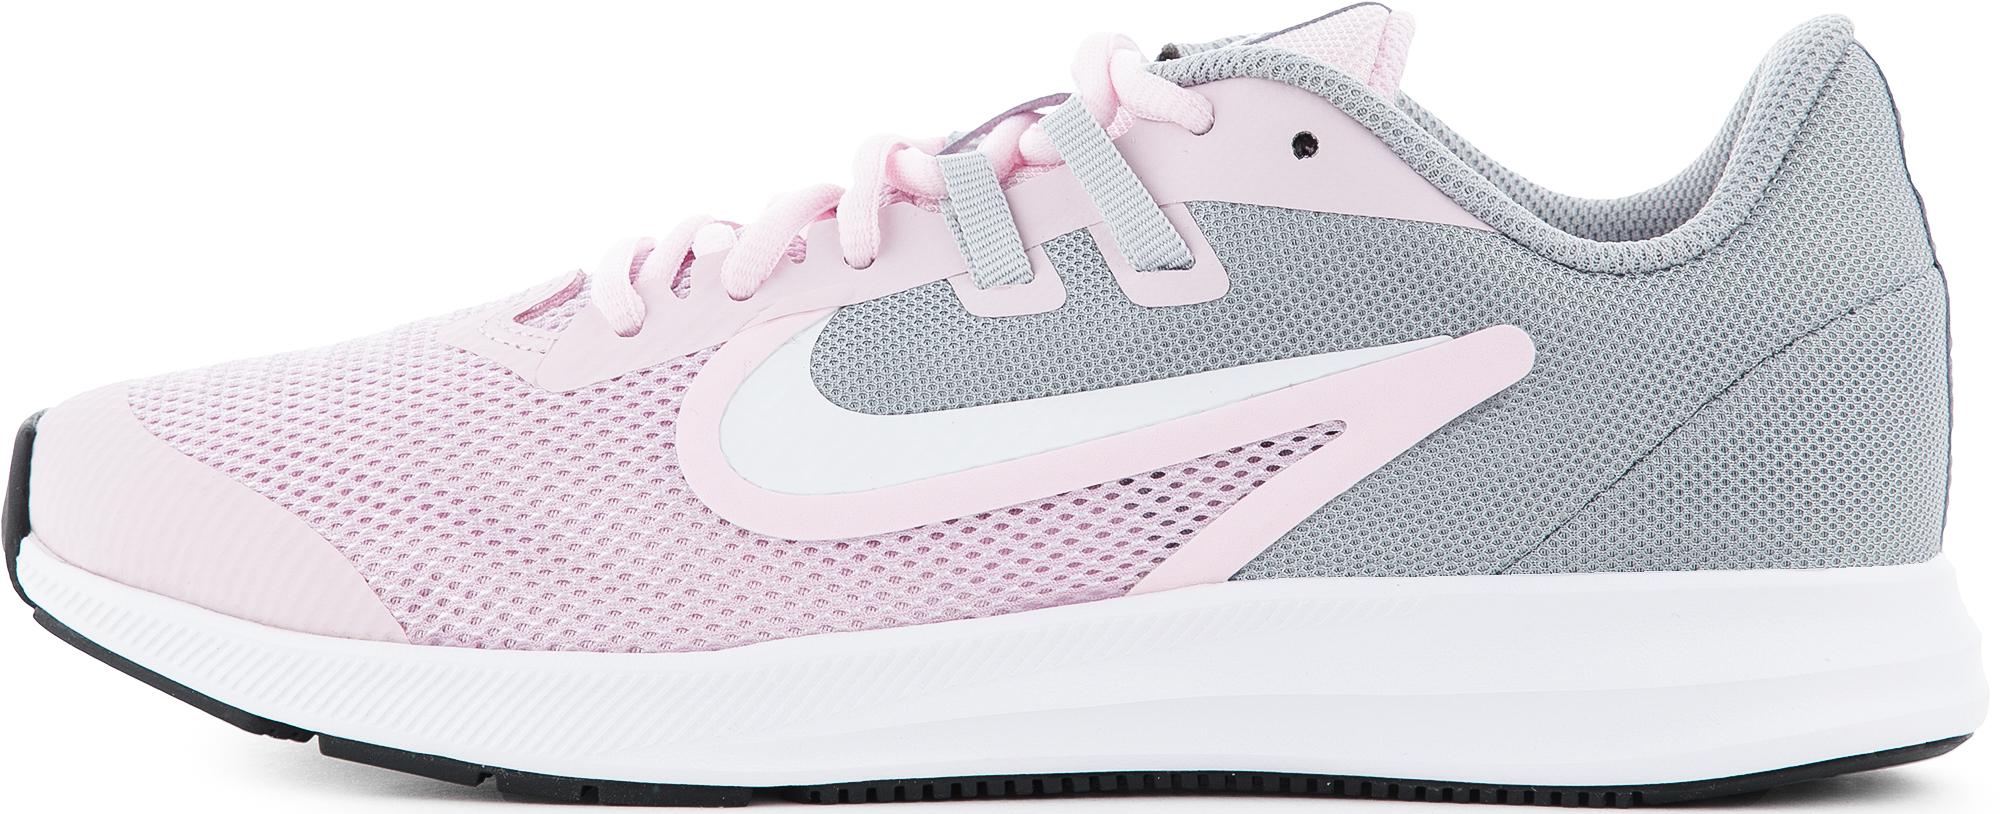 Nike Кроссовки для девочек Nike Downshifter 9 (Gs), размер 37,5 недорго, оригинальная цена